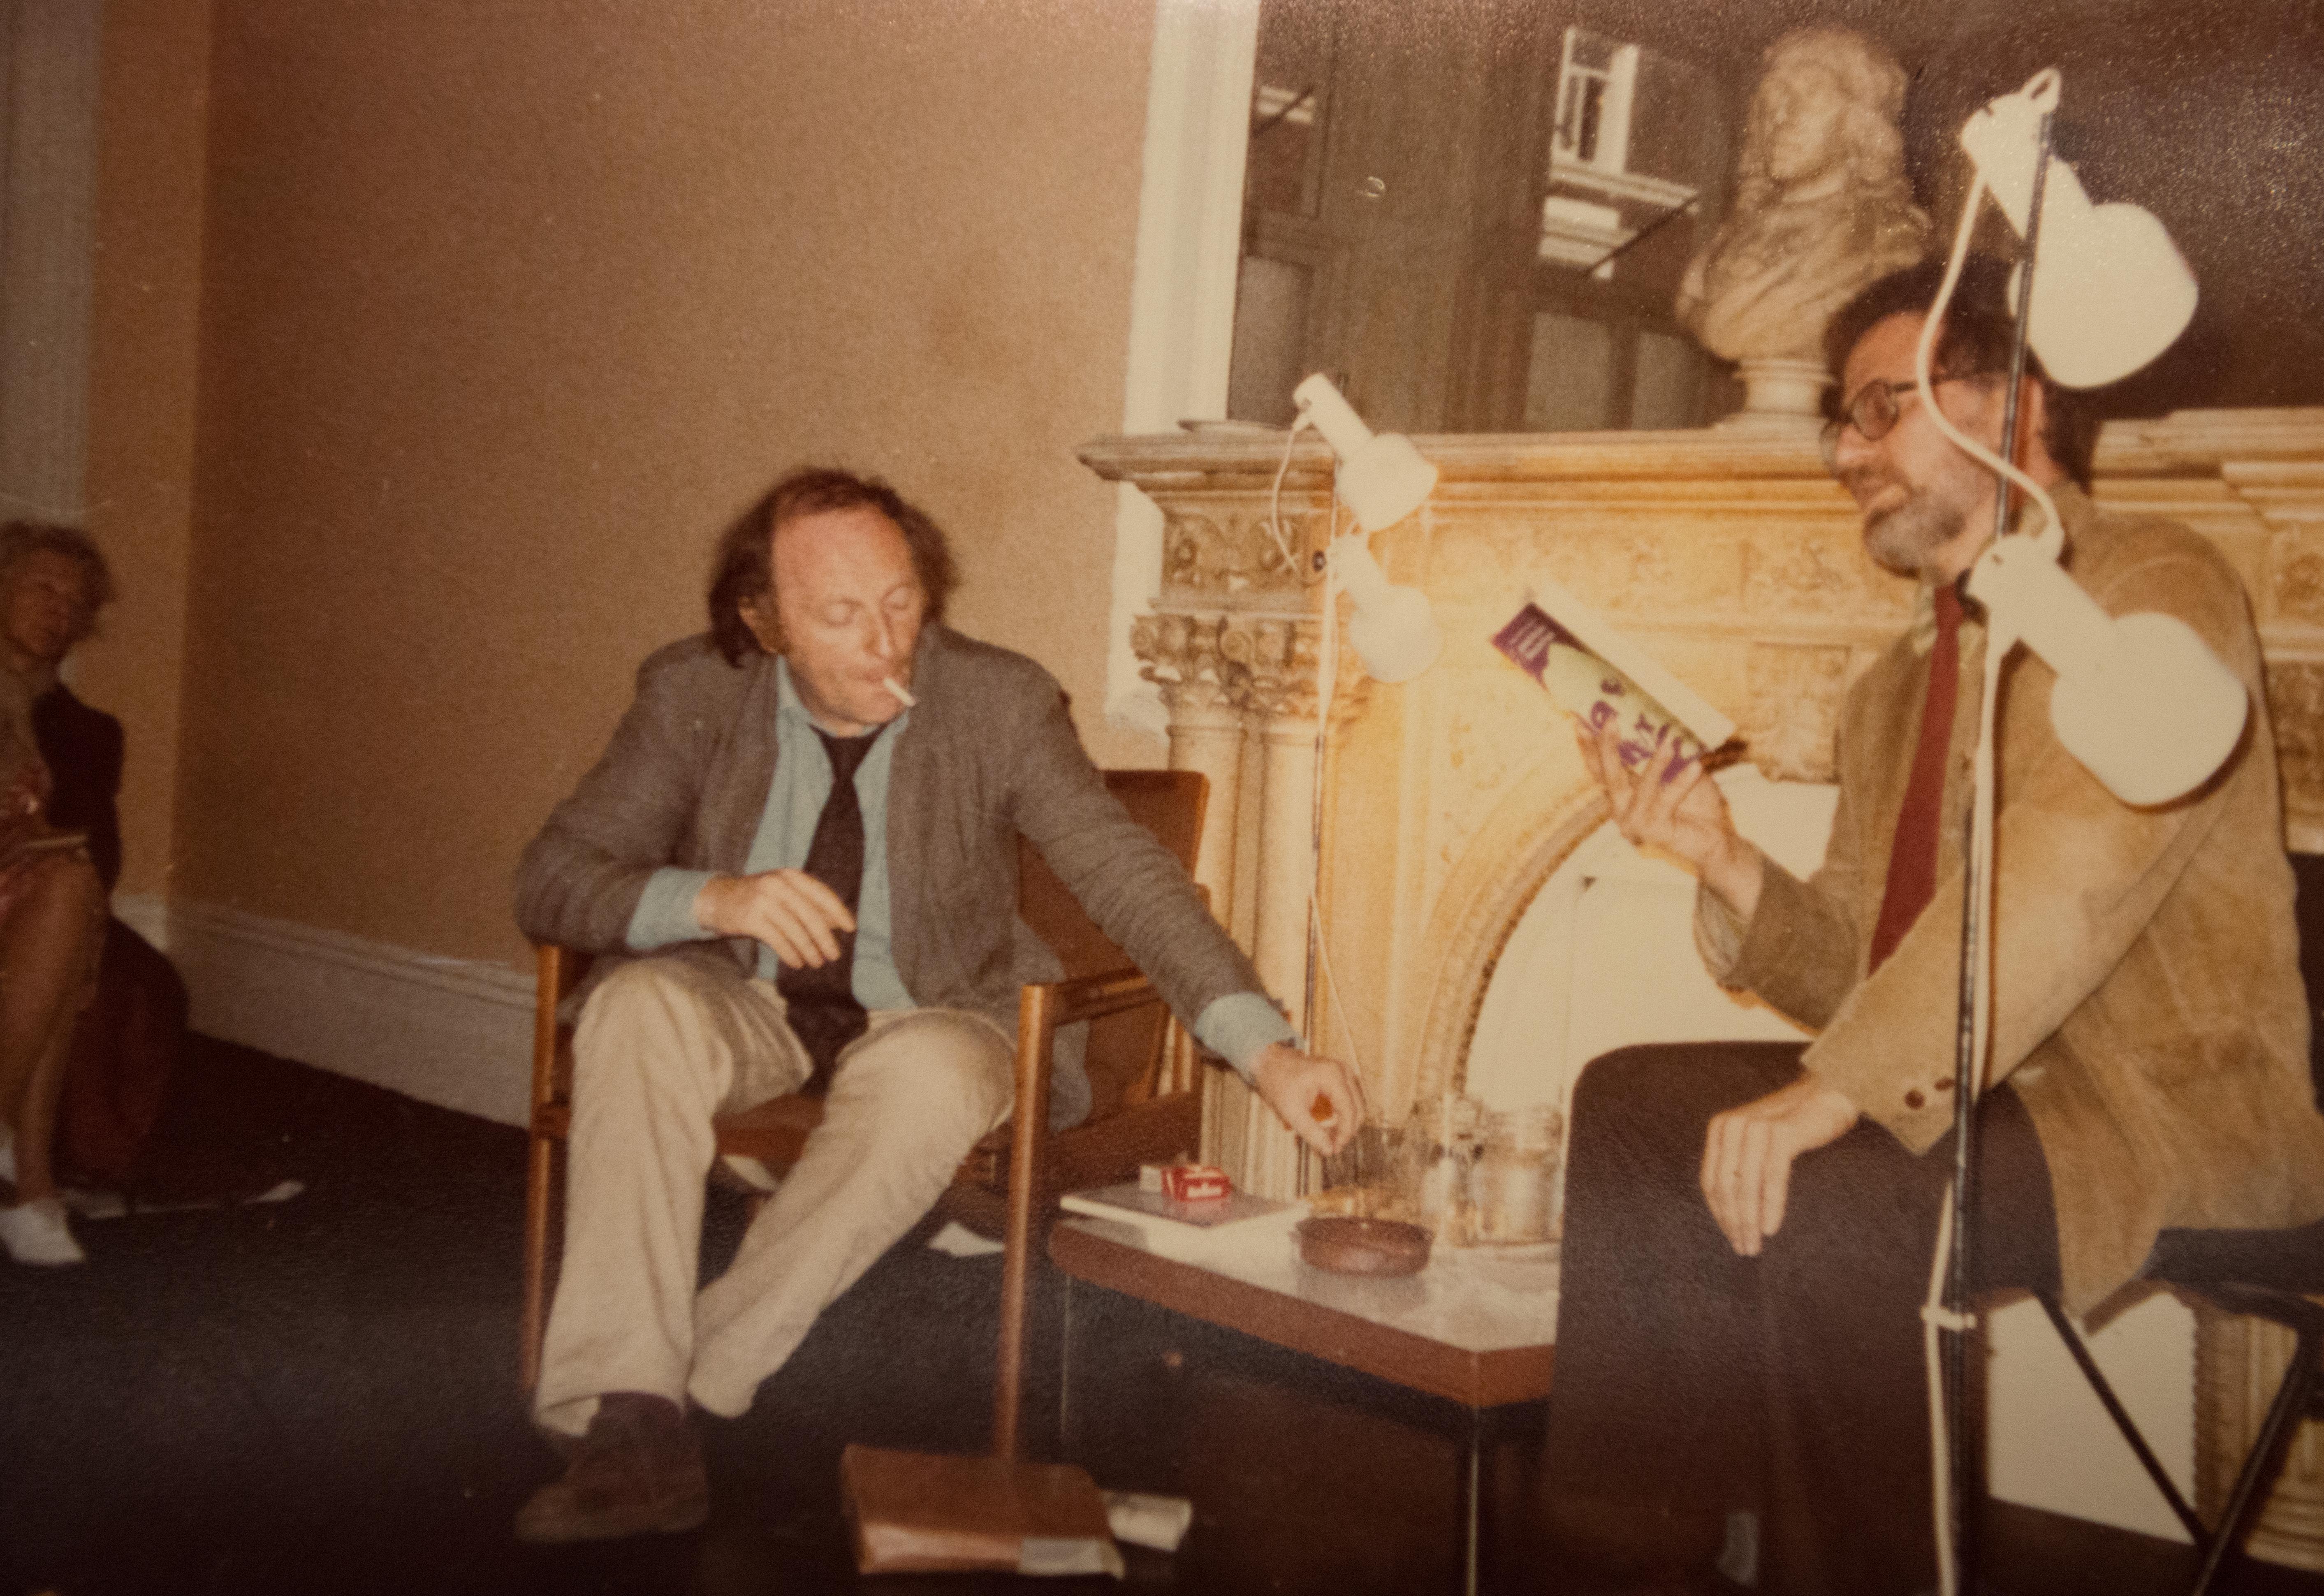 И. Бродский с английским поэтом и переводчиком Даниэлом Уайсбортом (Daniel Weissbort) в Лондонском поэтическом обществе, 1979